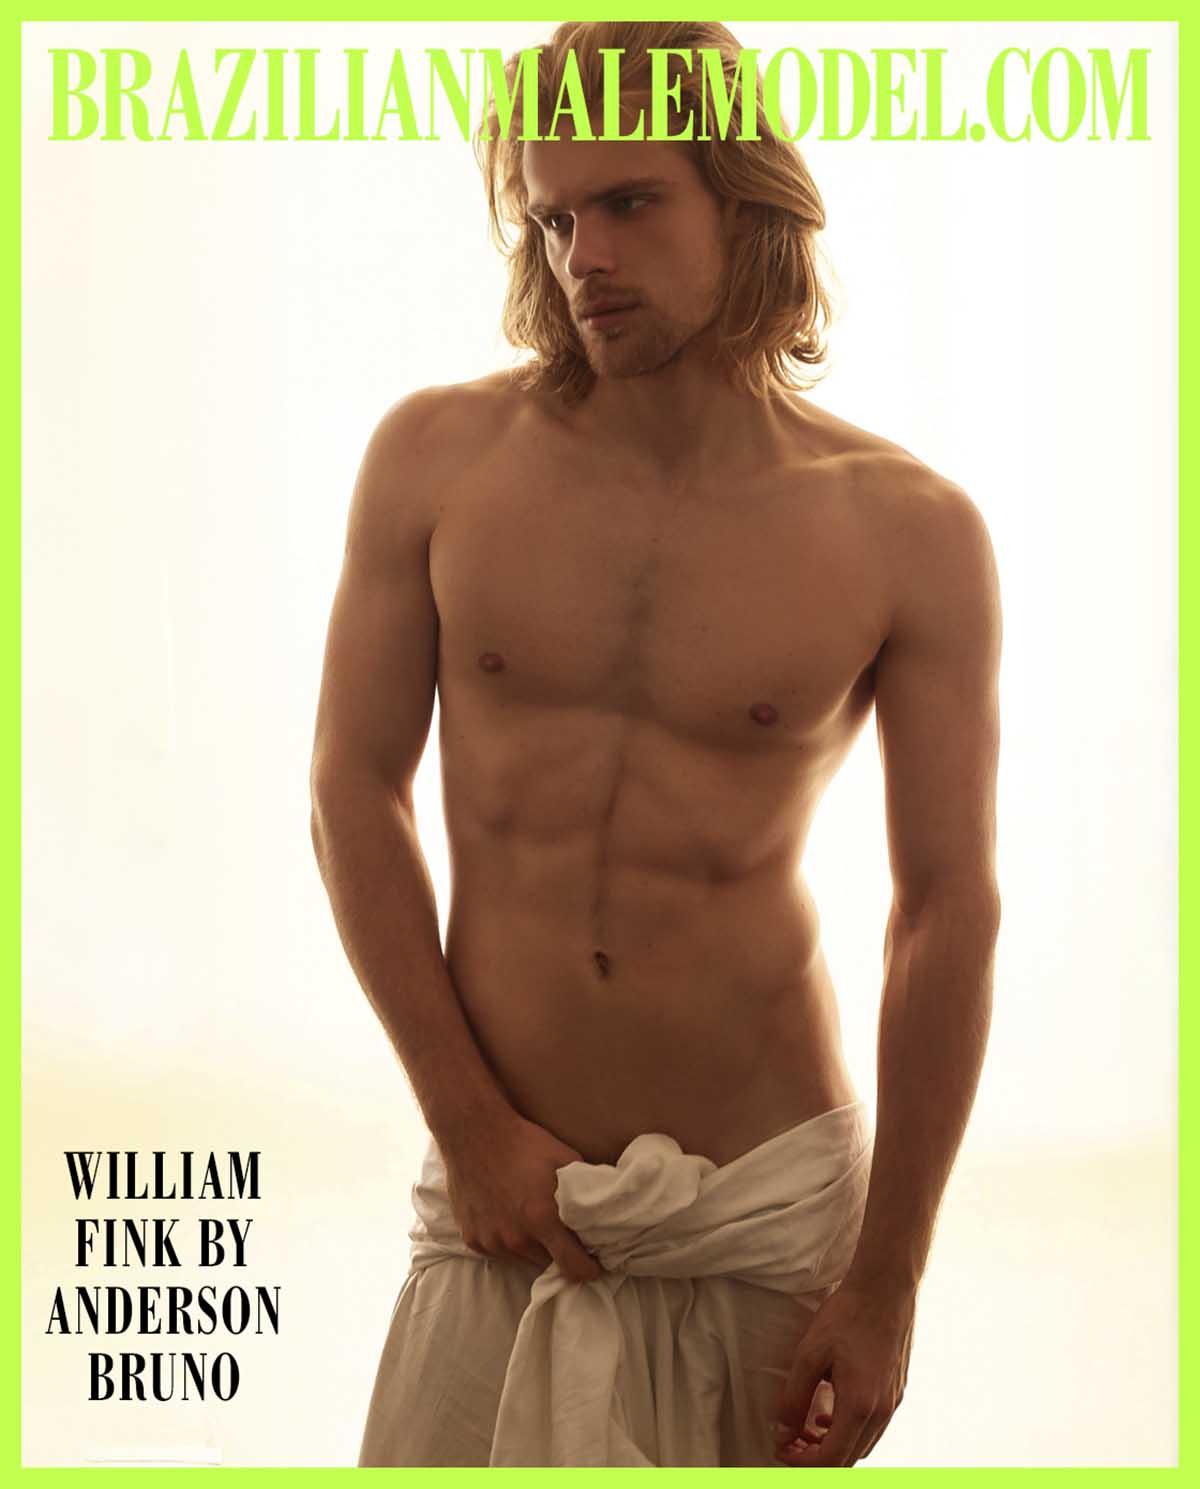 William Fink X Anderson Bruno X Brazilian Male Model x Yup Magazine